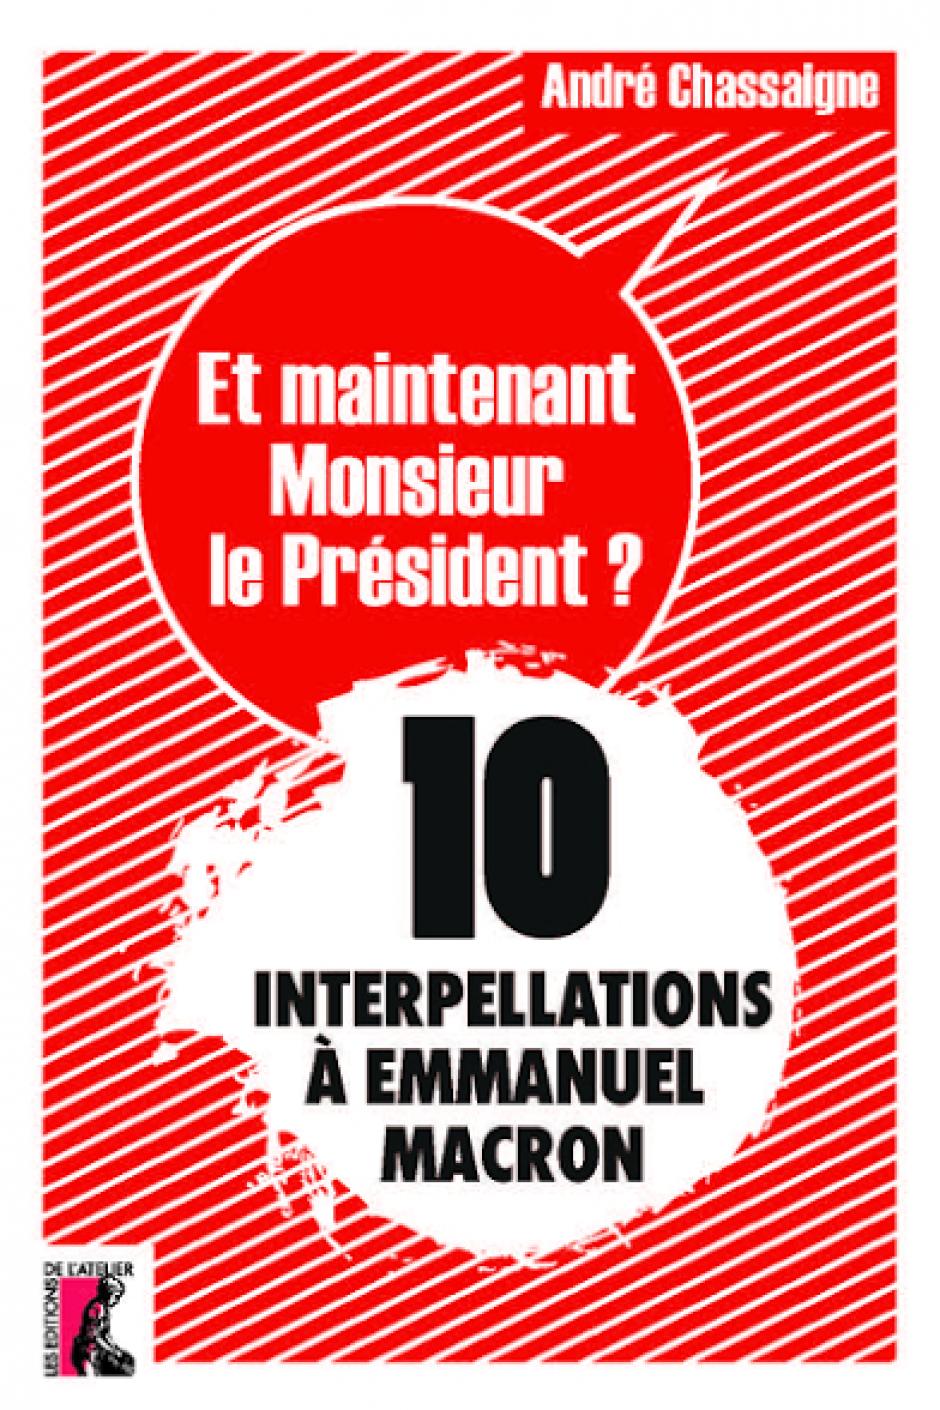 Et maintenant, Monsieur le Président ? 10 interpellations à Emmanuel Macron // André Chassaigne